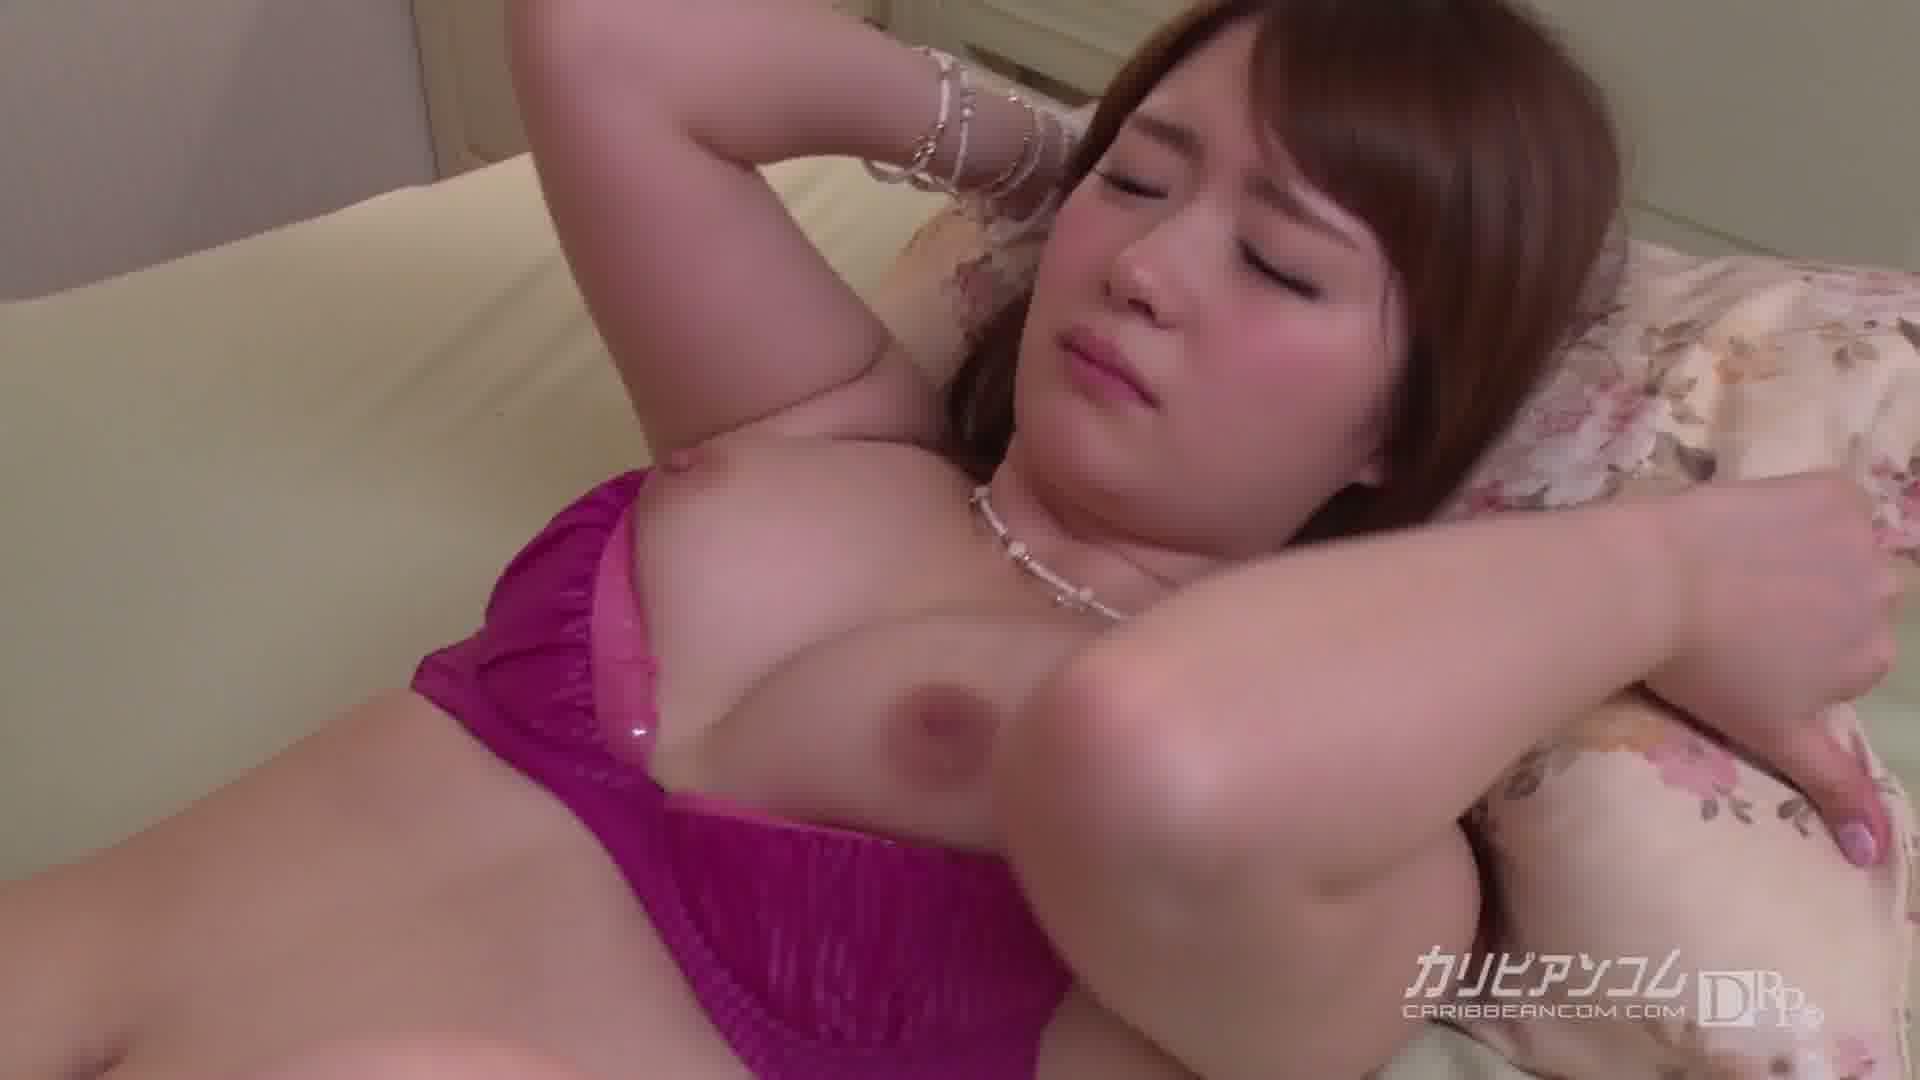 早抜き 西川ゆいBEST - 西川ゆい【乱交・コスプレ・ぶっかけ】